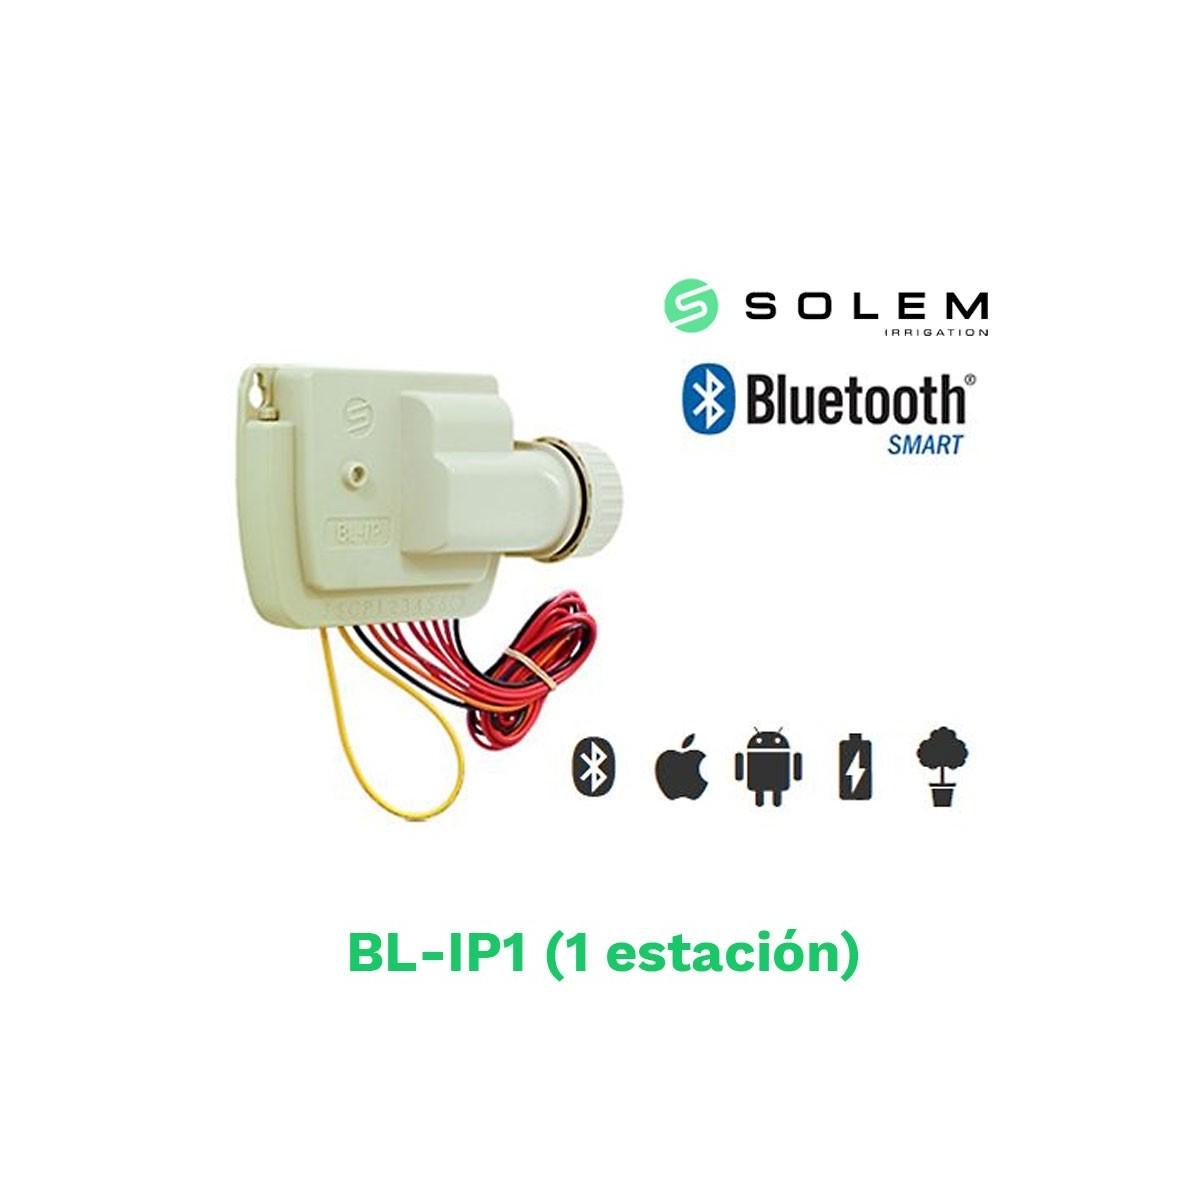 Modulo programador solem dc 9v bl-ip1 1 estacion bluetooth